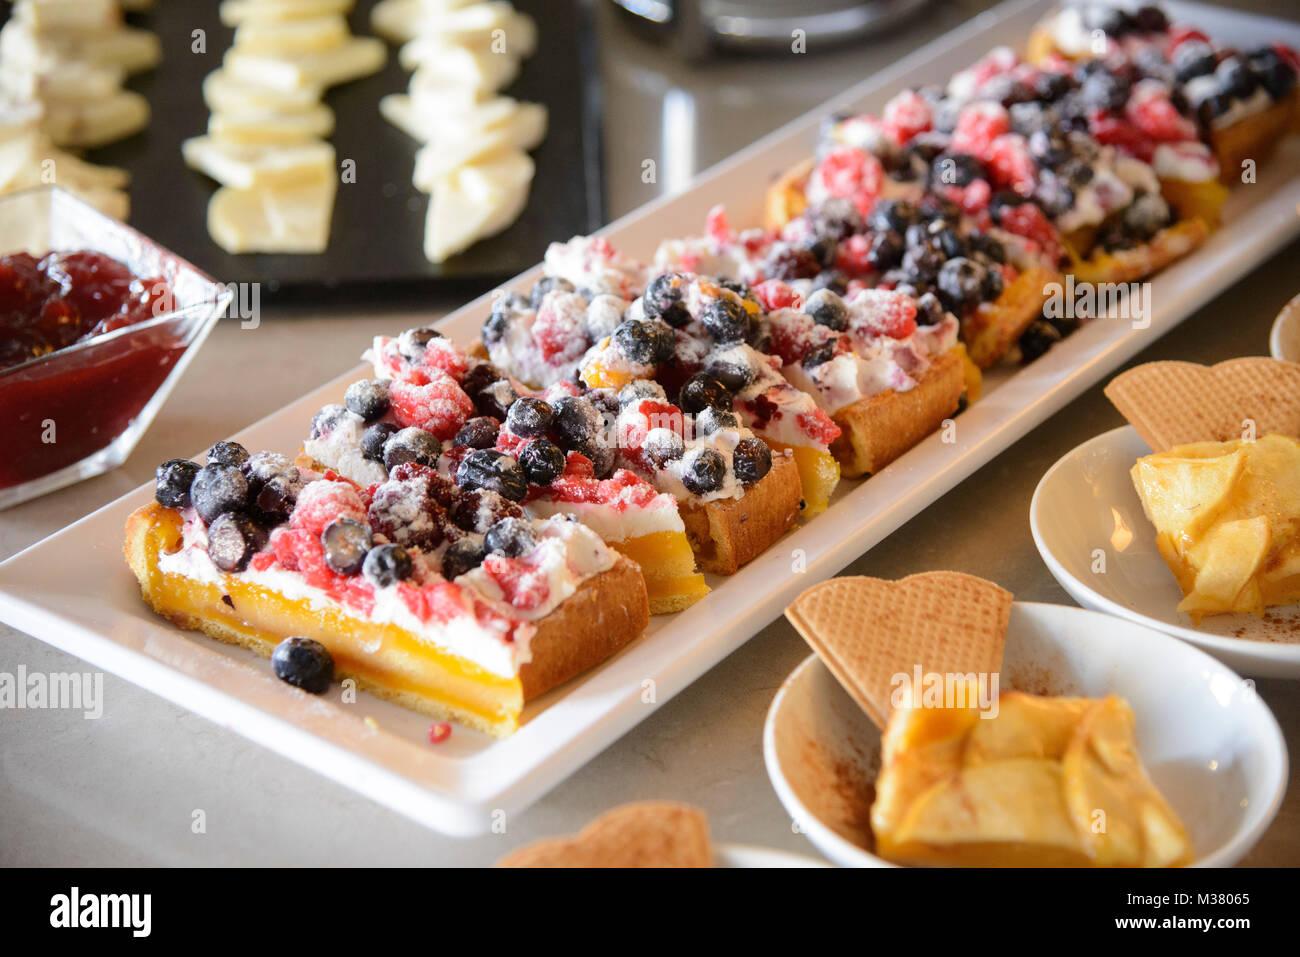 Dessert buffet - Stock Image